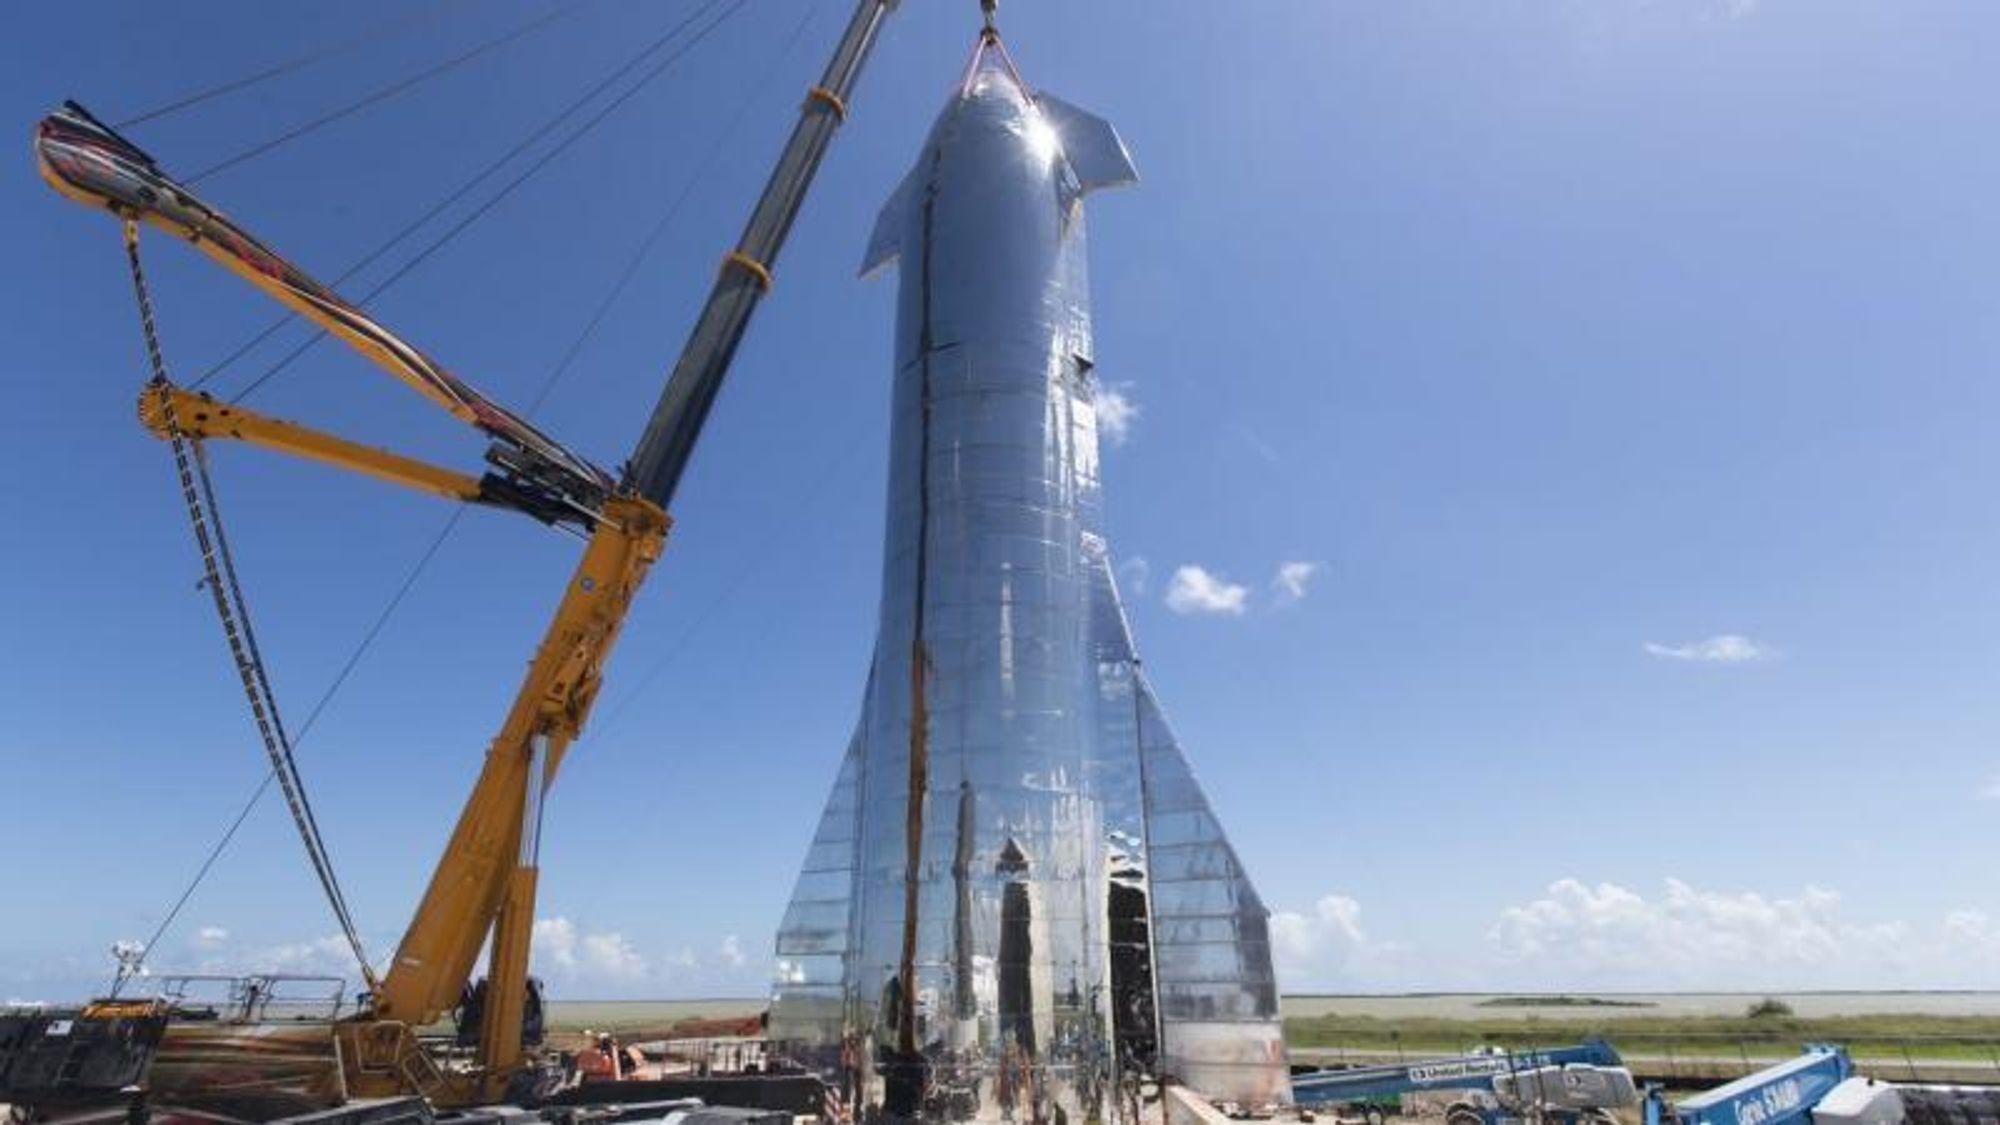 Om få måneder vil SpaceX sende opp romskipet Starship, som er bygd i rustfritt stål. Det er bedriftens nyeste arbeidshest som både skal frakte satellitter opp i rommet, mennesker til Månen og Mars – og lande igjen.Foto: Elon Musk